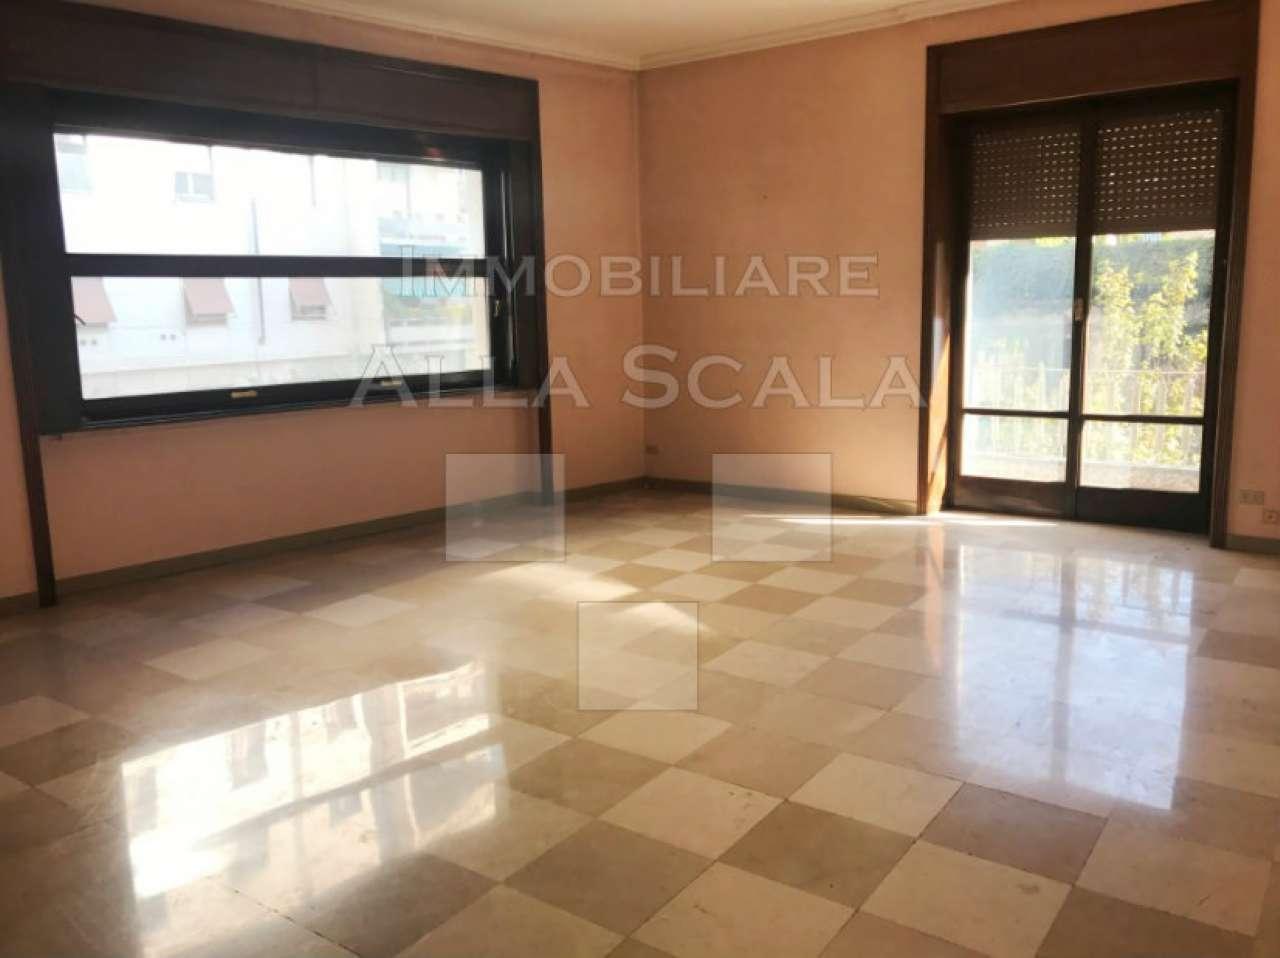 Appartamento in Vendita a Milano: 5 locali, 170 mq - Foto 6